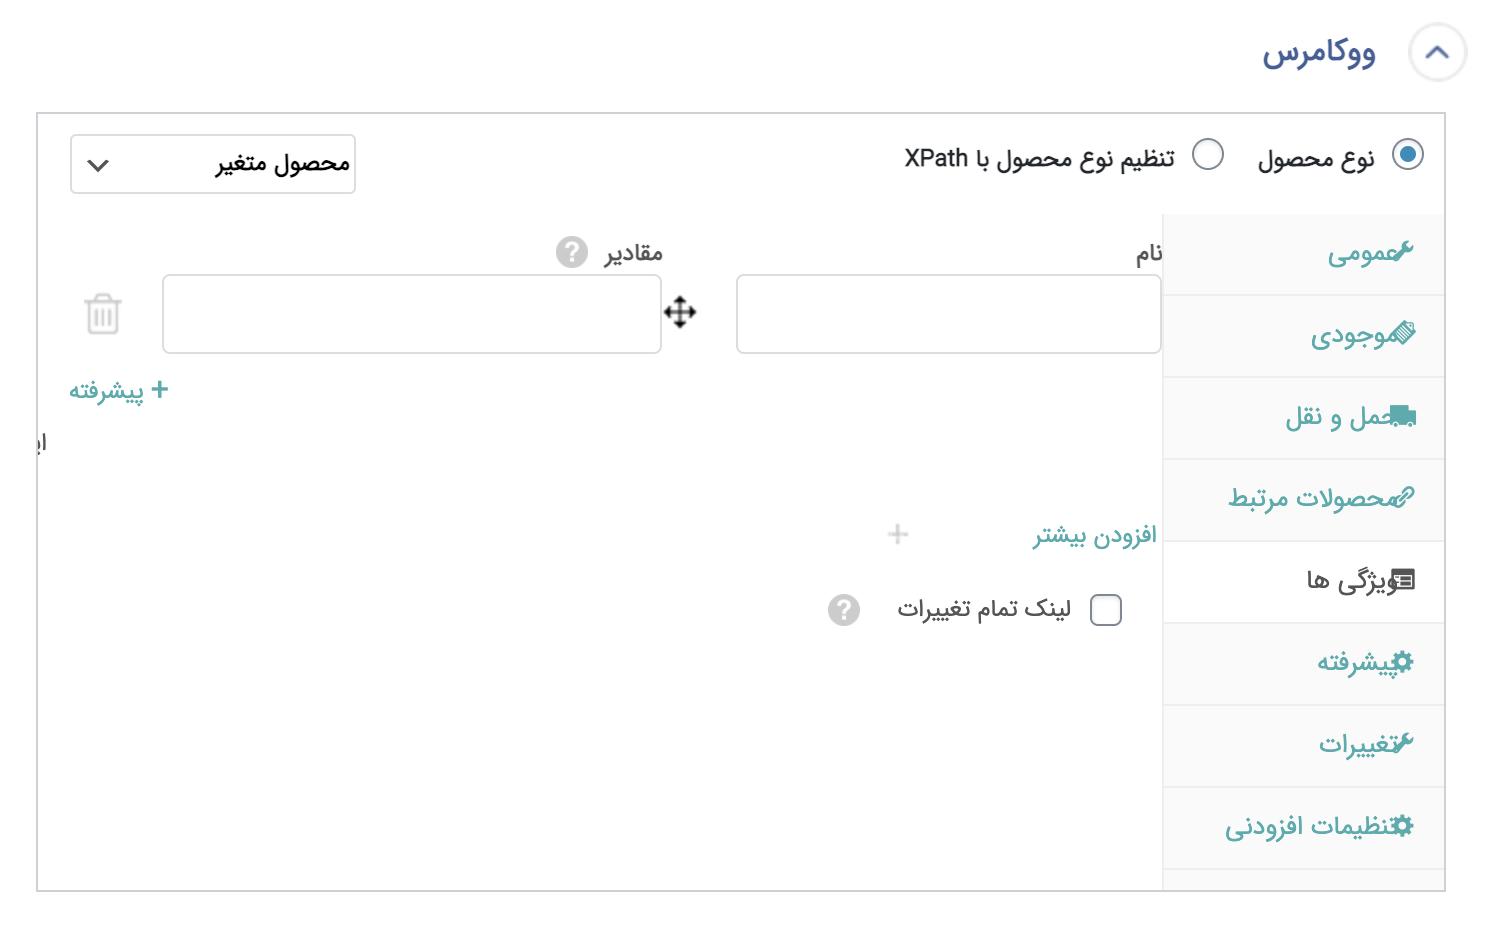 افزونه WP All Import Pro | درون ریزی فایل های CSV و XML | افزونه درون ریزی در وردپرس | پلاگین ایمپورت وردپرس | ایمپورت فایل در وردپرس | درون ریزی محصولات ووکامرس | درون ریزی برگه ها و نوشته ها در وردپرس